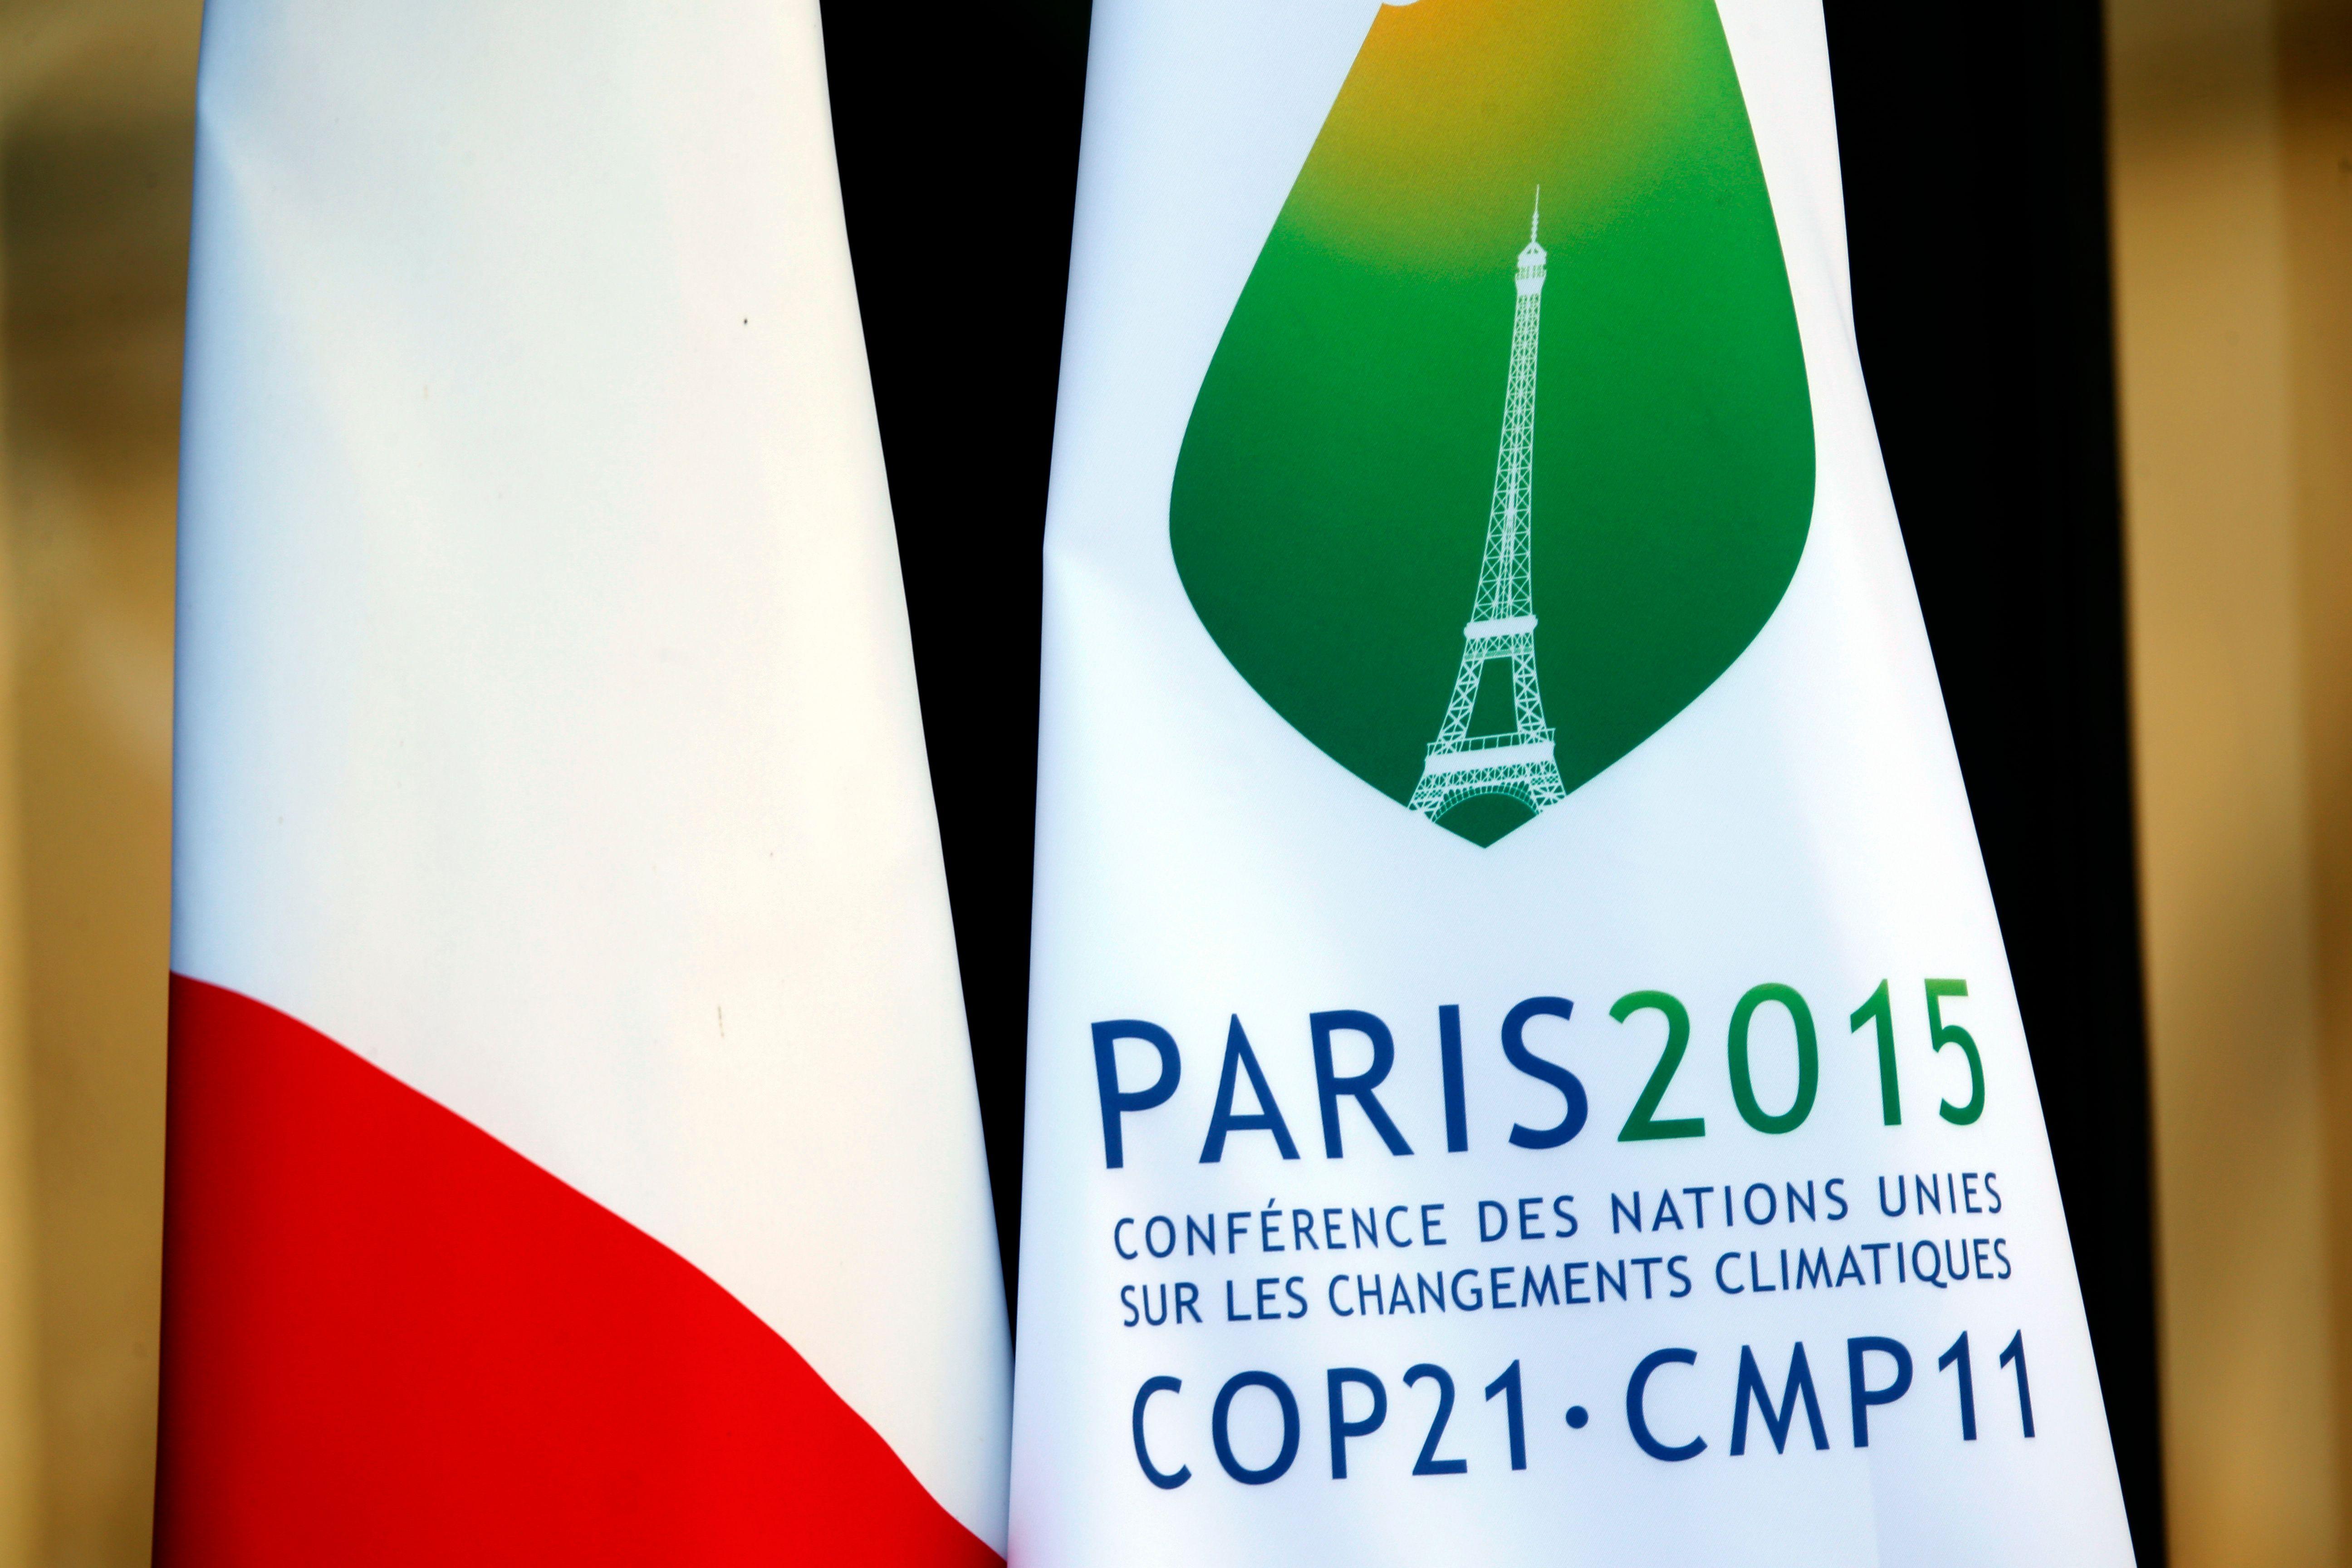 La finance à l'heure de la COP21: le mouvement des investissements responsables est enclenché (et encore insuffisant)